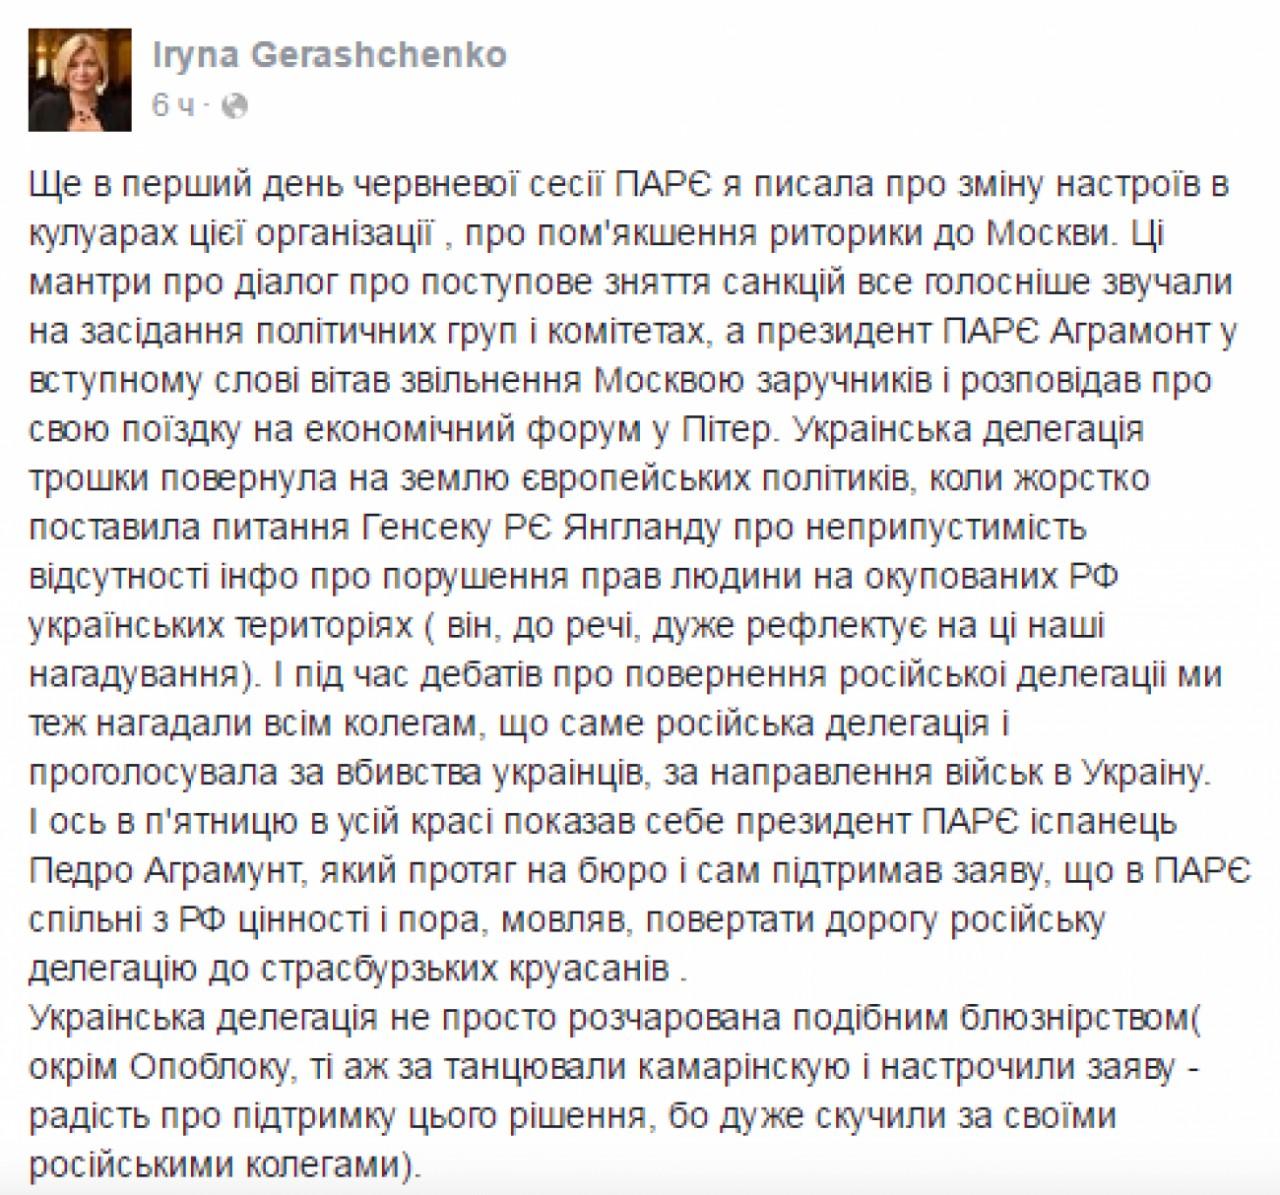 Ты меня достала, я от тебя устал! Евросоюз окончательно «сливает» Украину